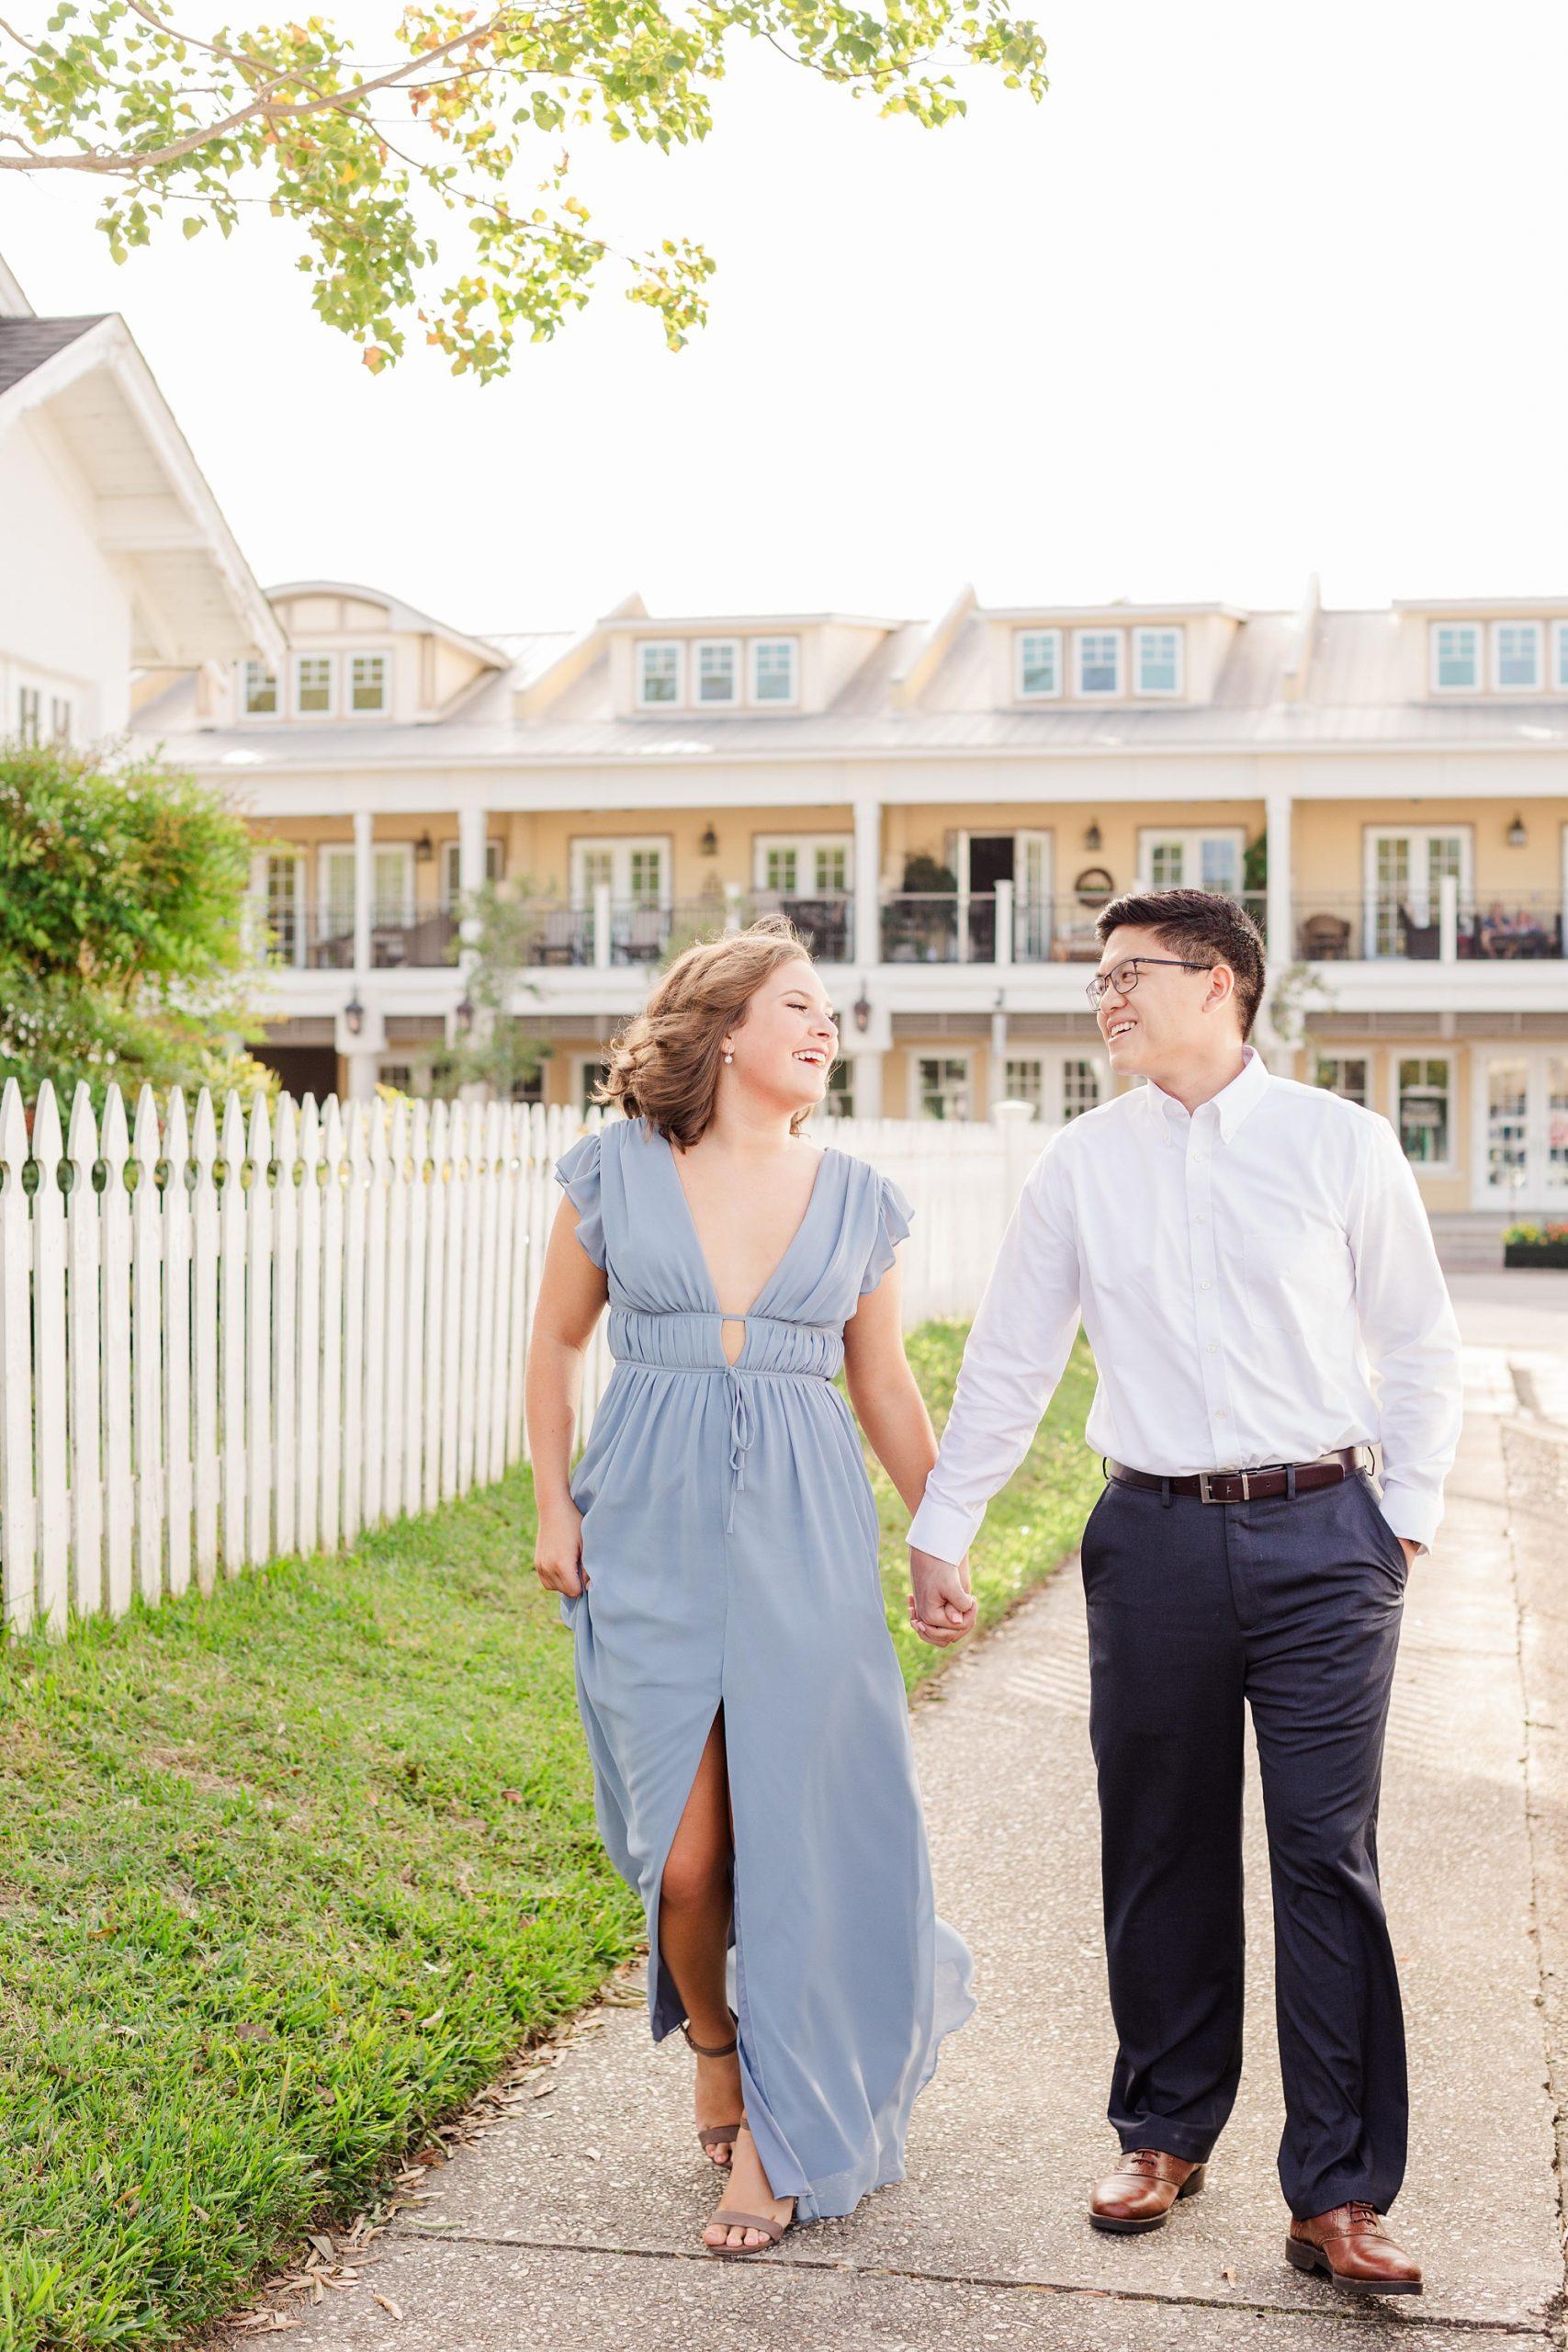 Alabama couple walks downtown during engagement photos